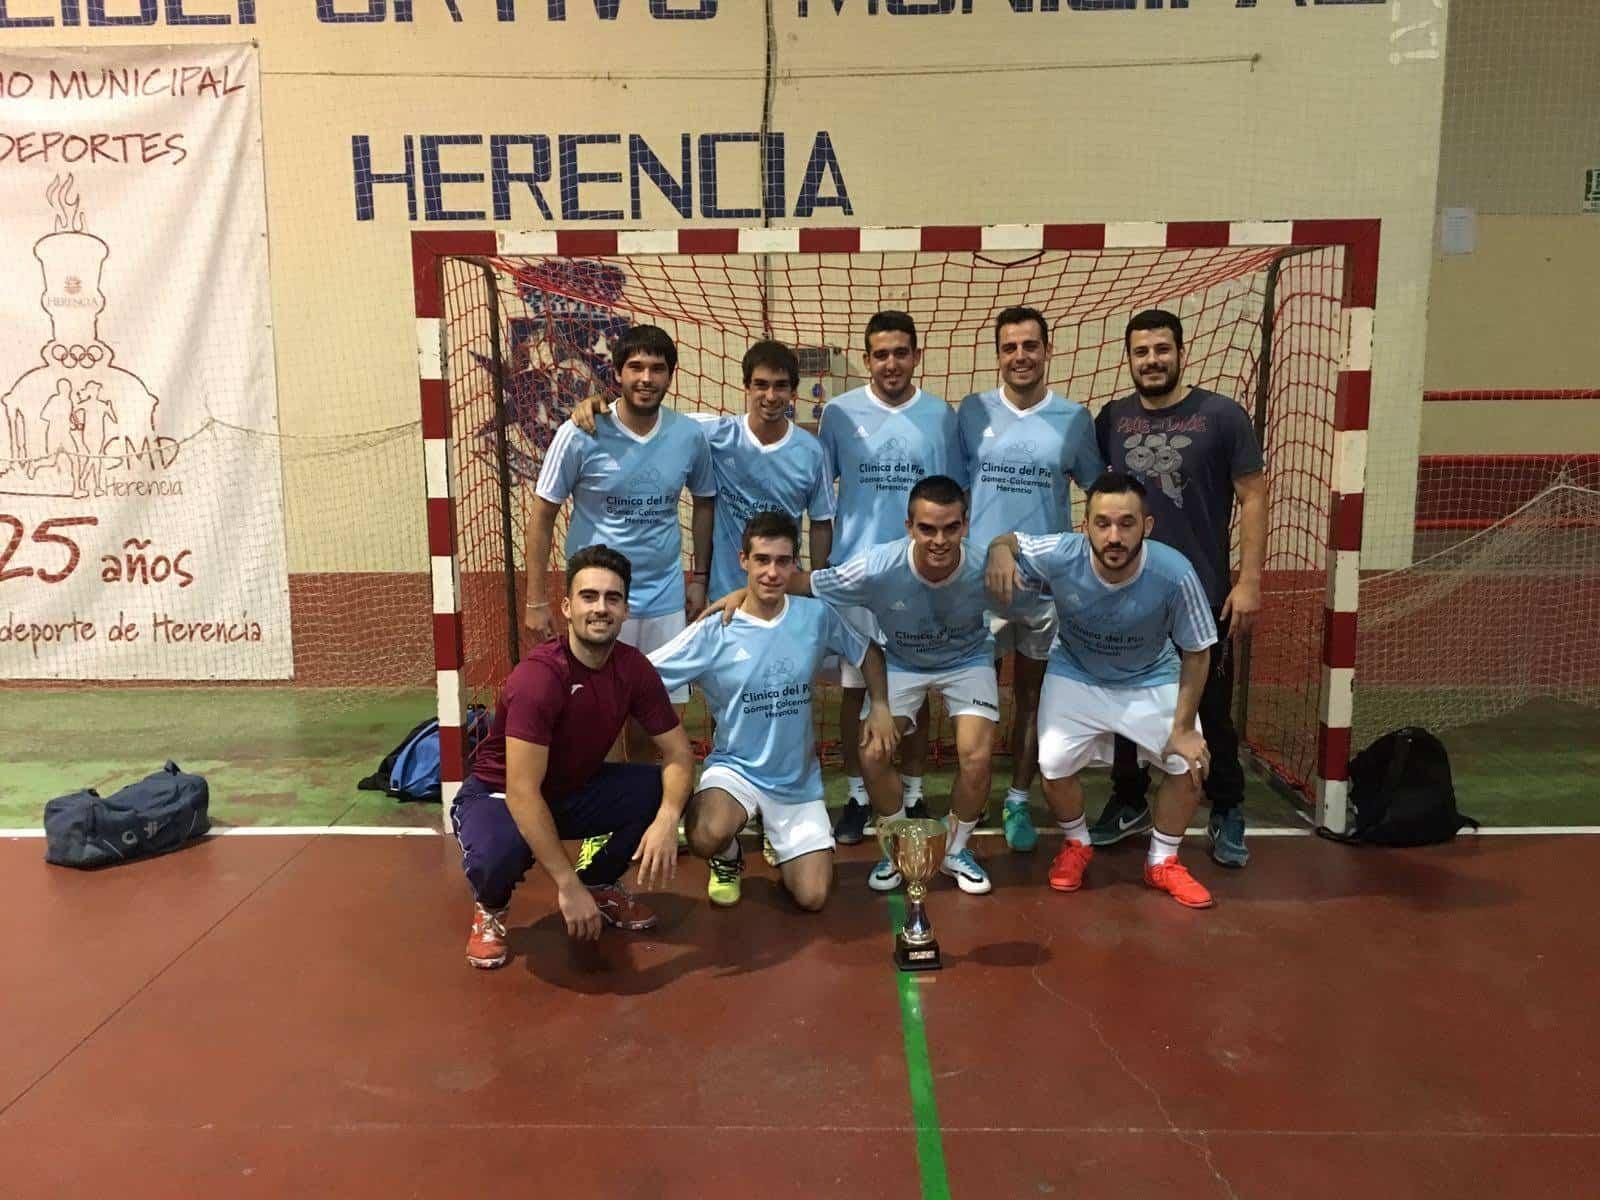 Besolla FS Herencia - Besolla F. S. campeón de la liga de fútbol sala de verano